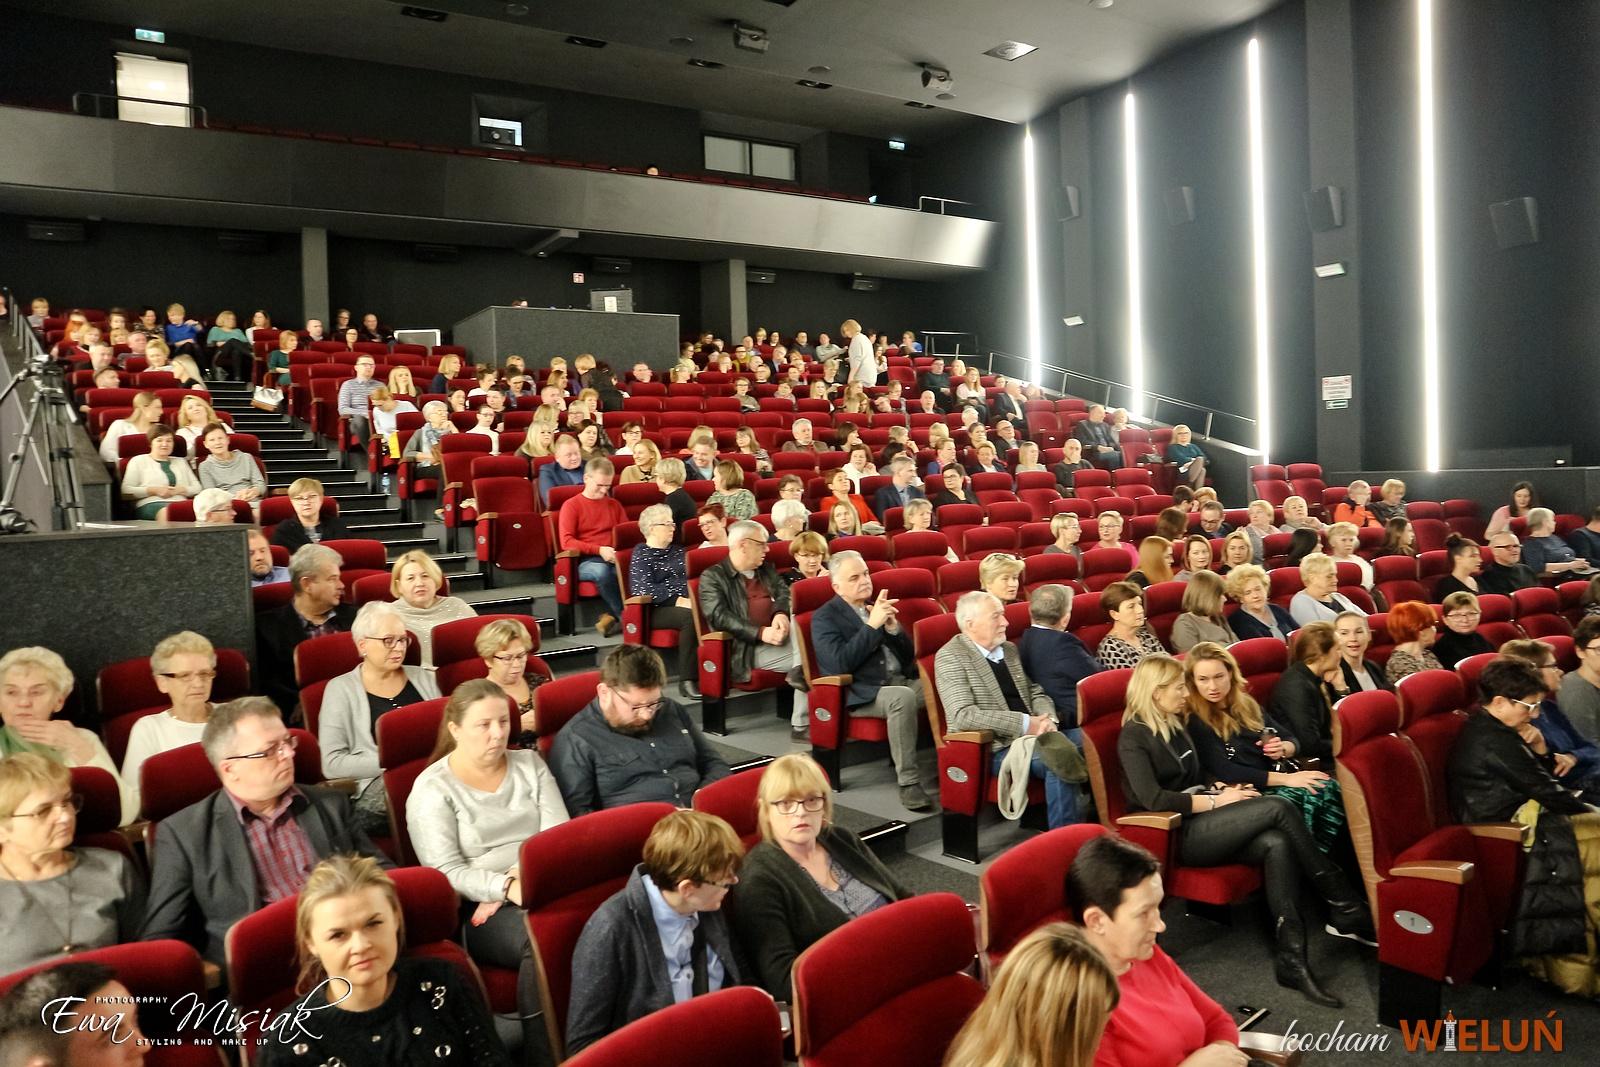 W Kino Teatrze Syrena W Wieluniu Monodram Soni Bohosiewicz